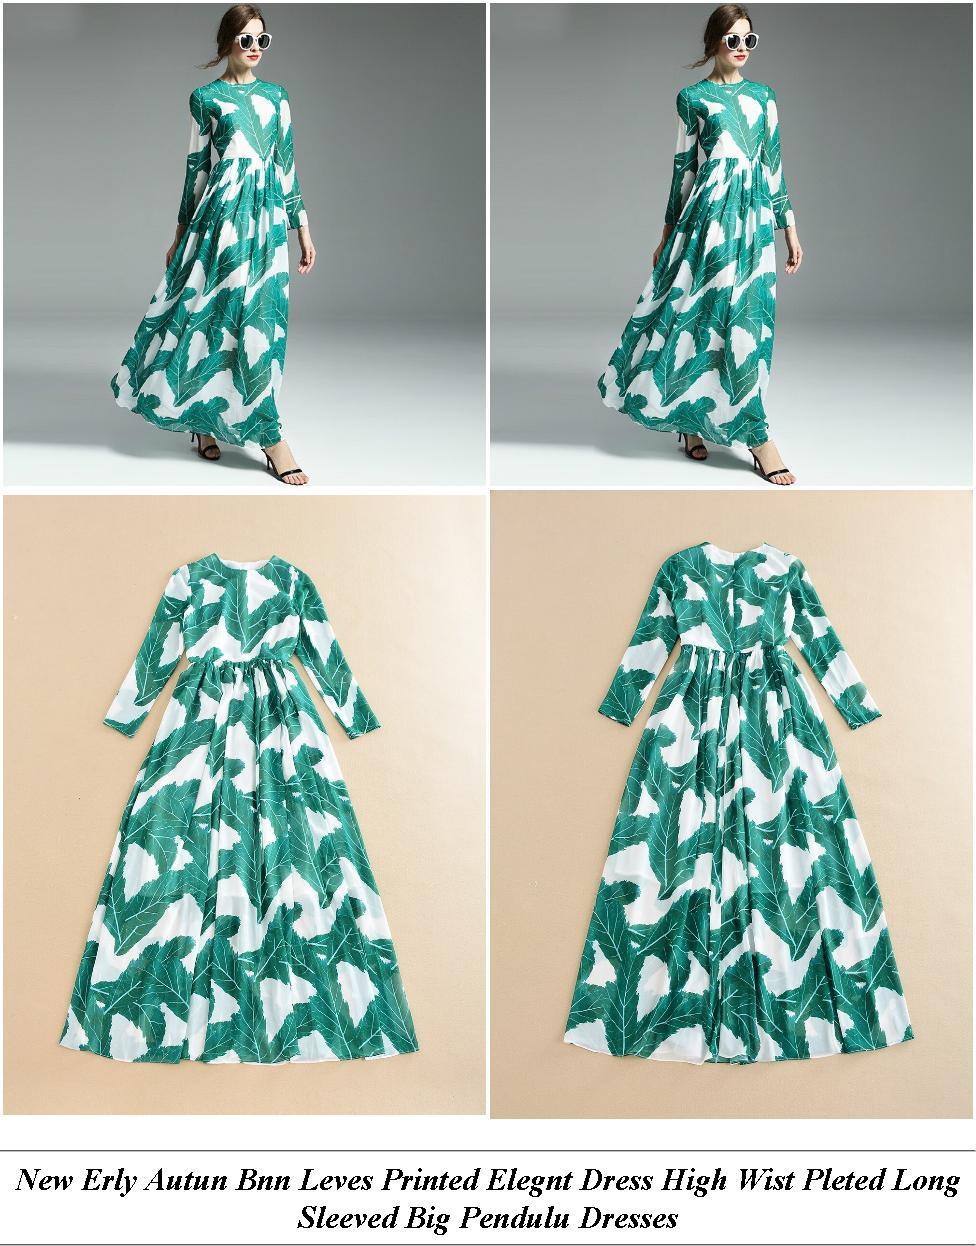 Est Dress Wesites Nz - Furla Uy Online Sale - Formal Dresses For Dogs